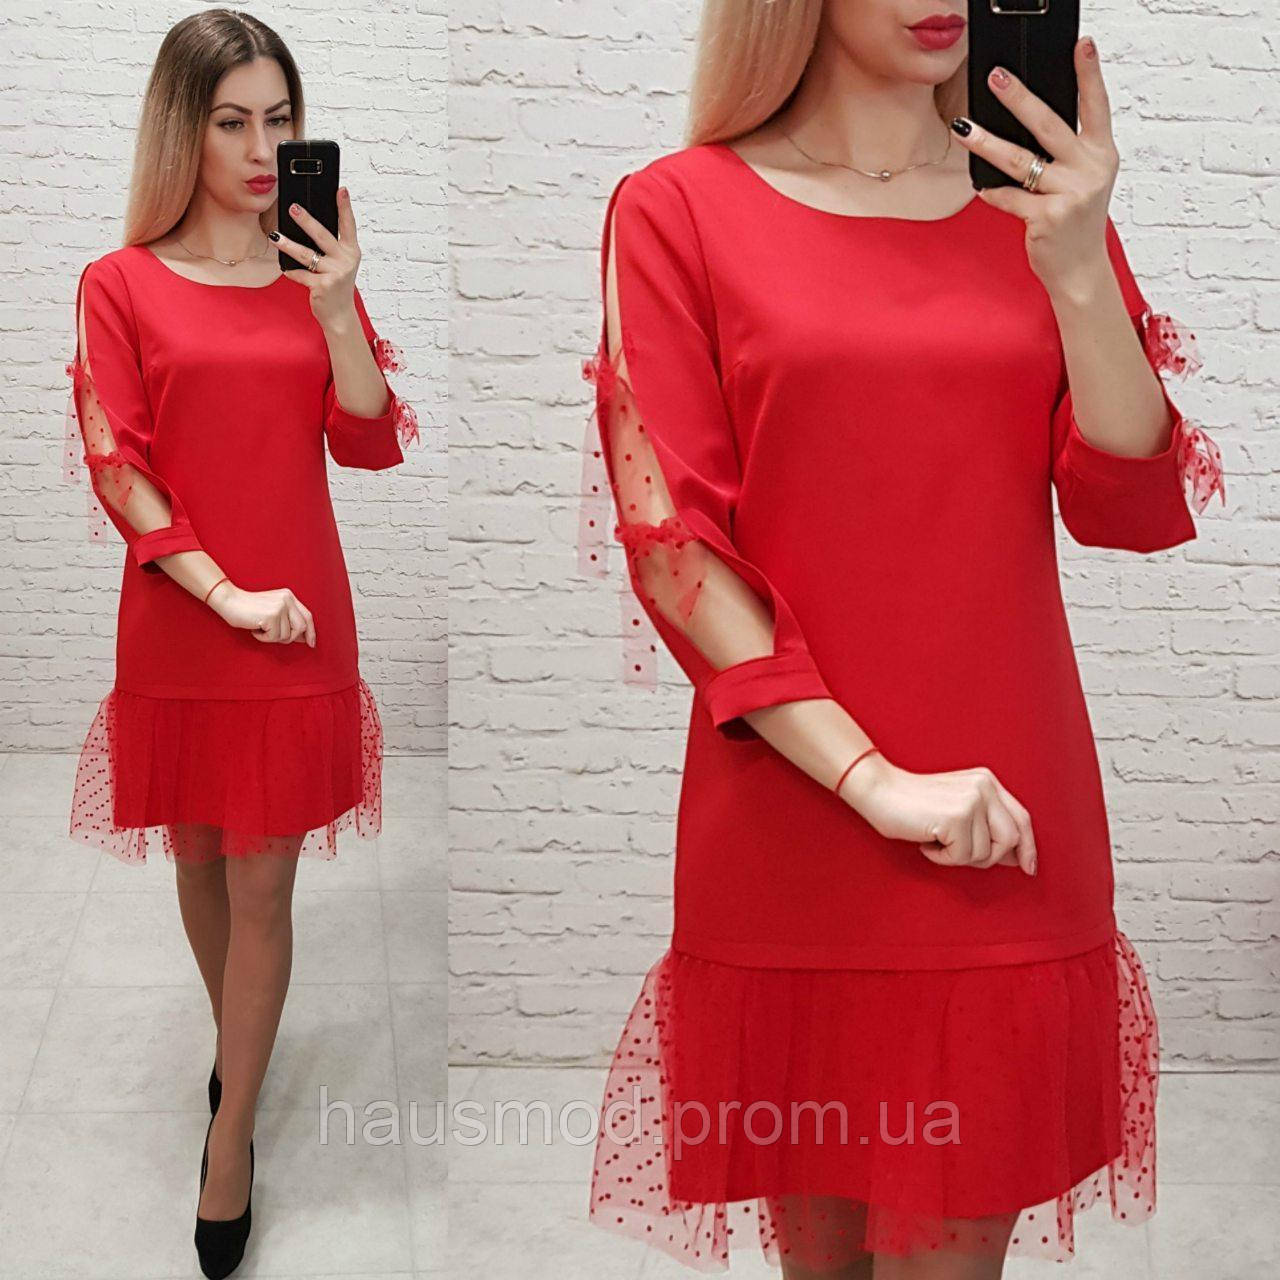 Женское платье фатин бант креп костюмка фатин цвет красный